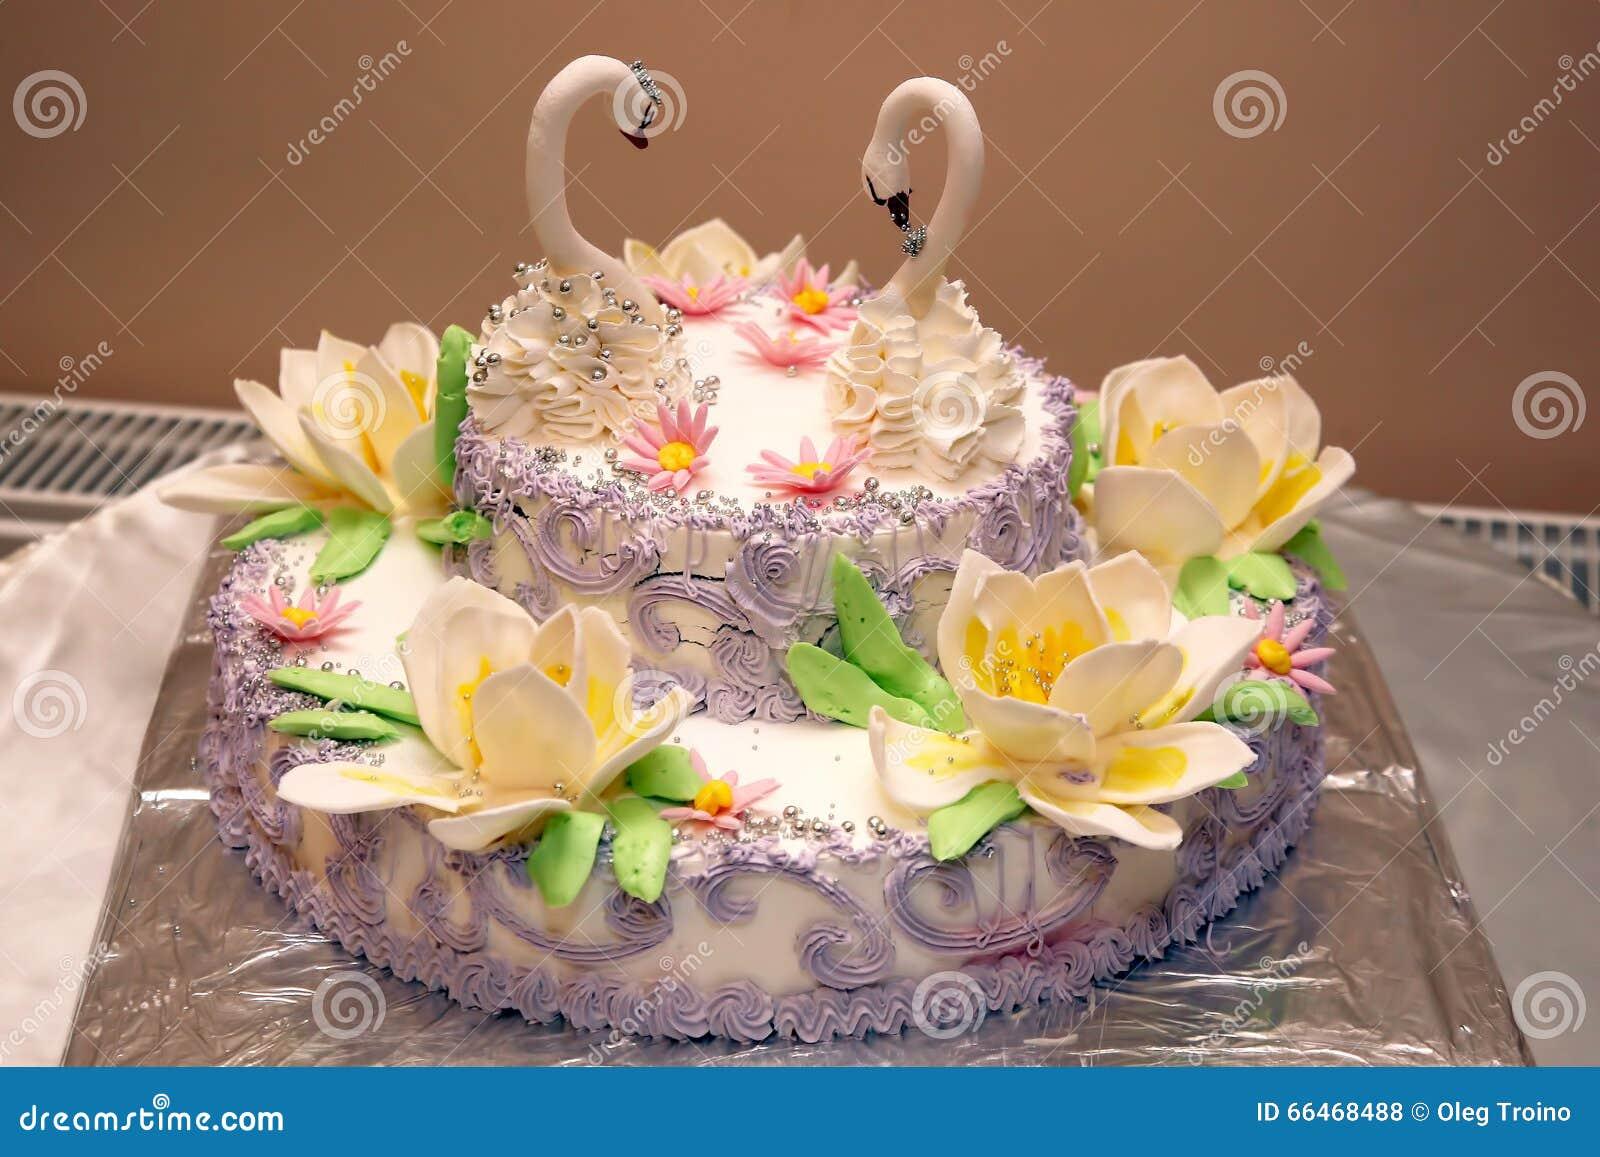 Der Schöne Kuchen Für Die Heirat Mit Zahlen Von Schwänen